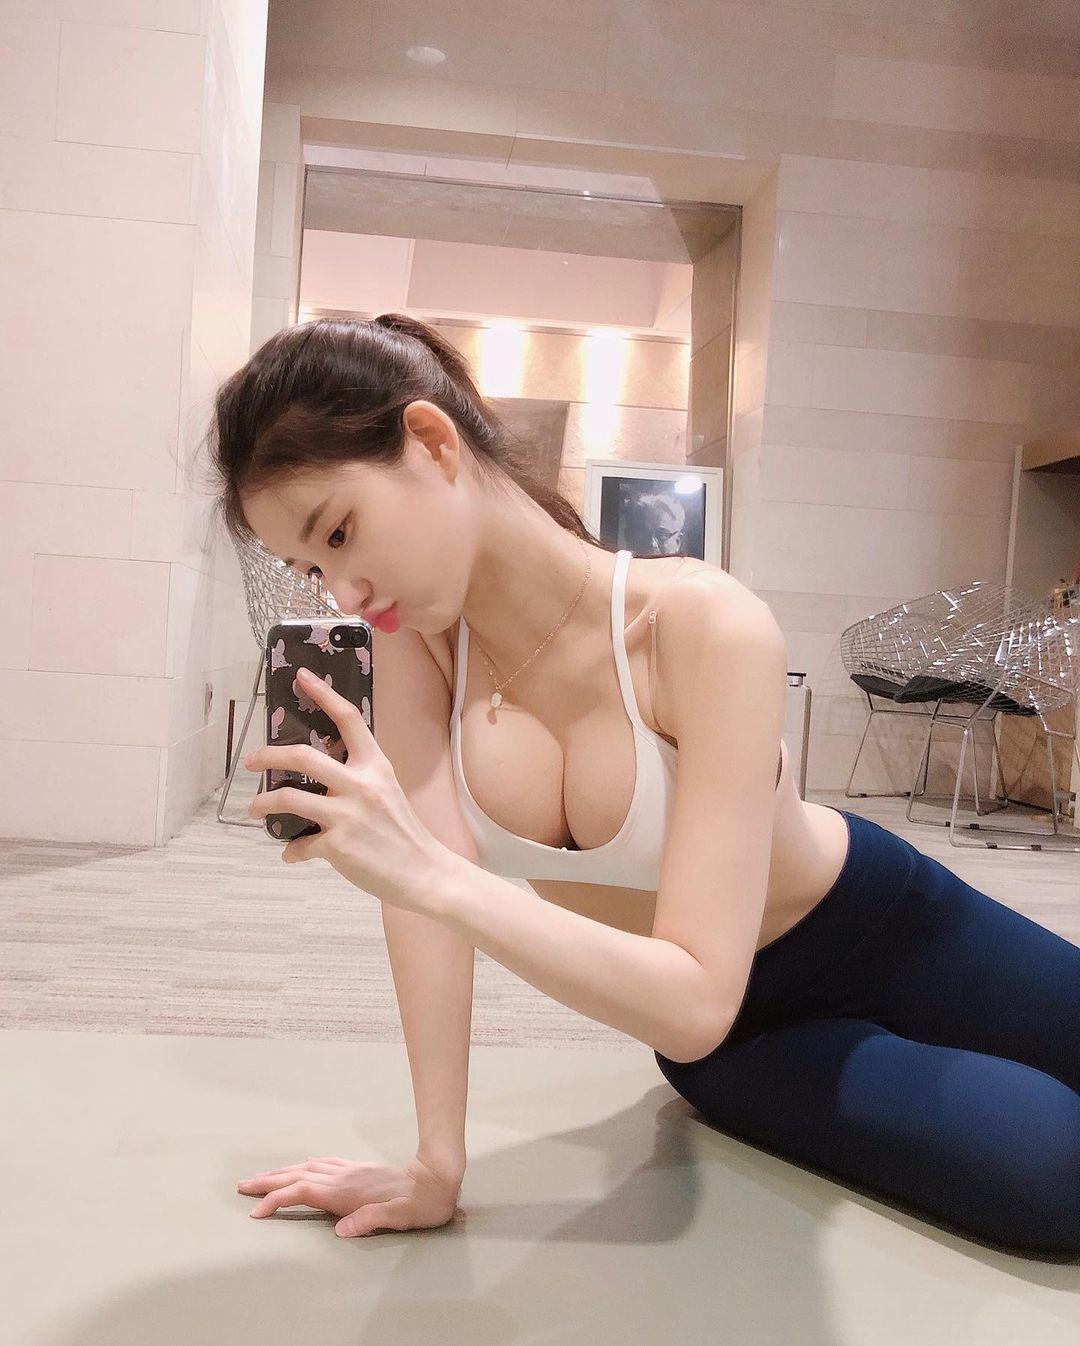 韩国知名网红美女美玲元水蛇腰真的太性感 养眼图片 第3张